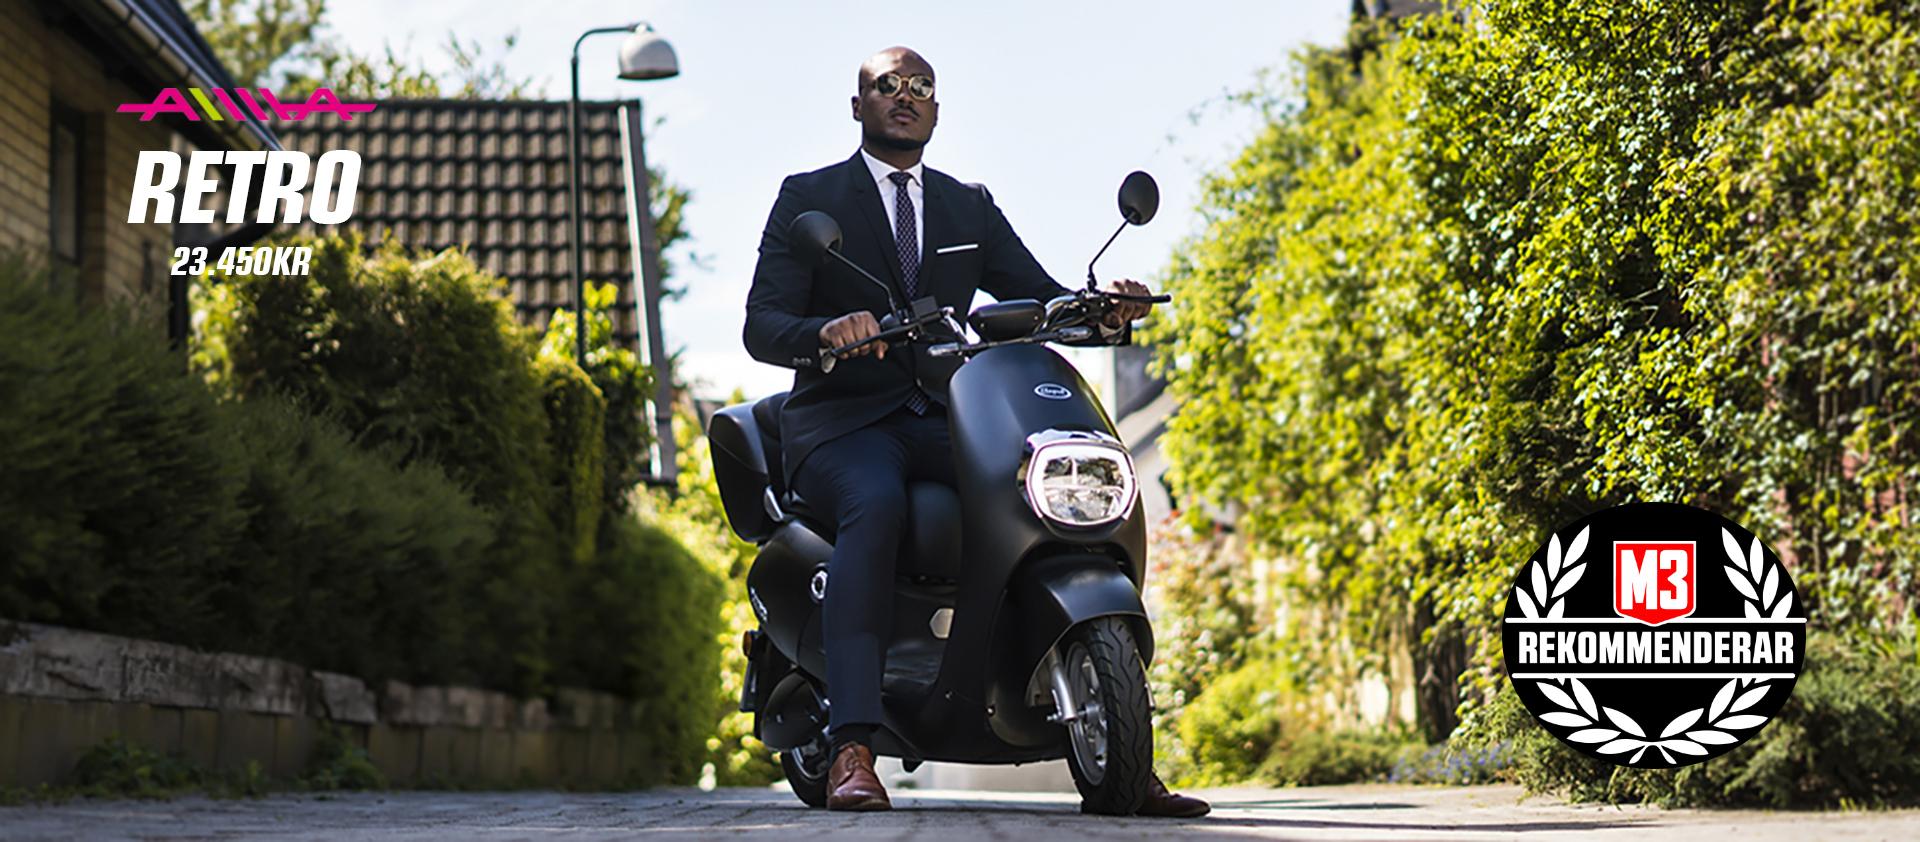 Elmoped Retro, Tillverkas av en av två största mopedtillverkarna